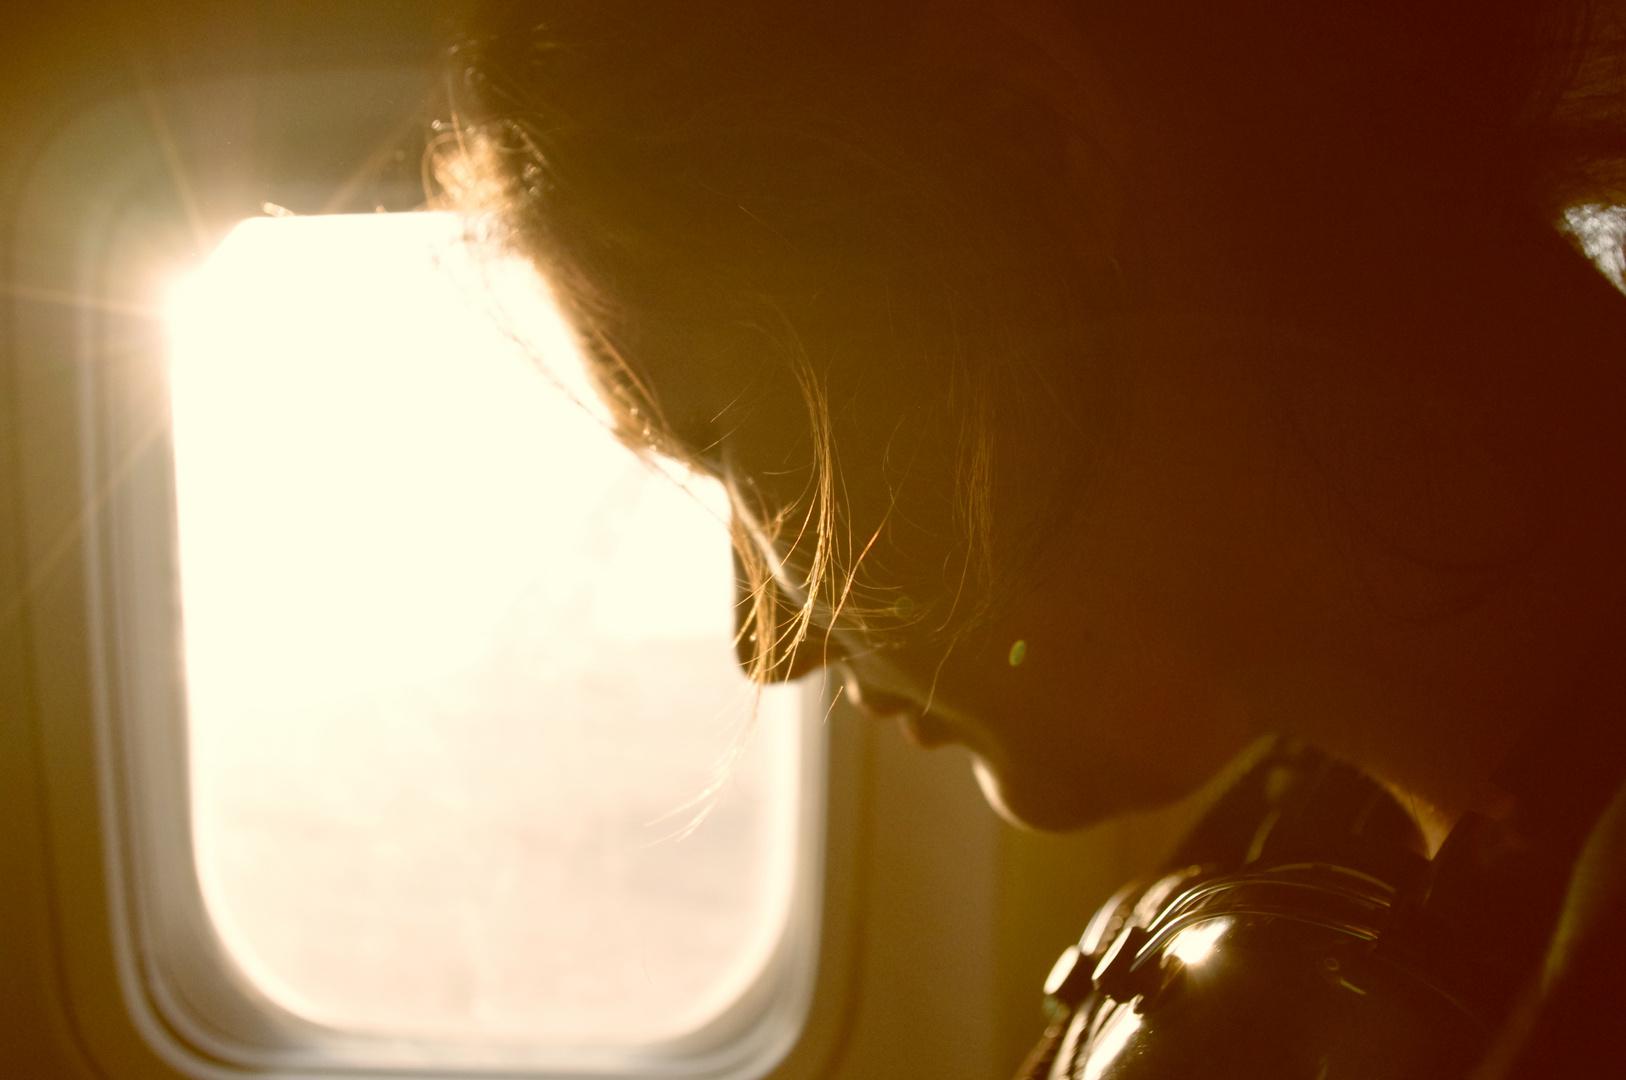 Modo: Avion